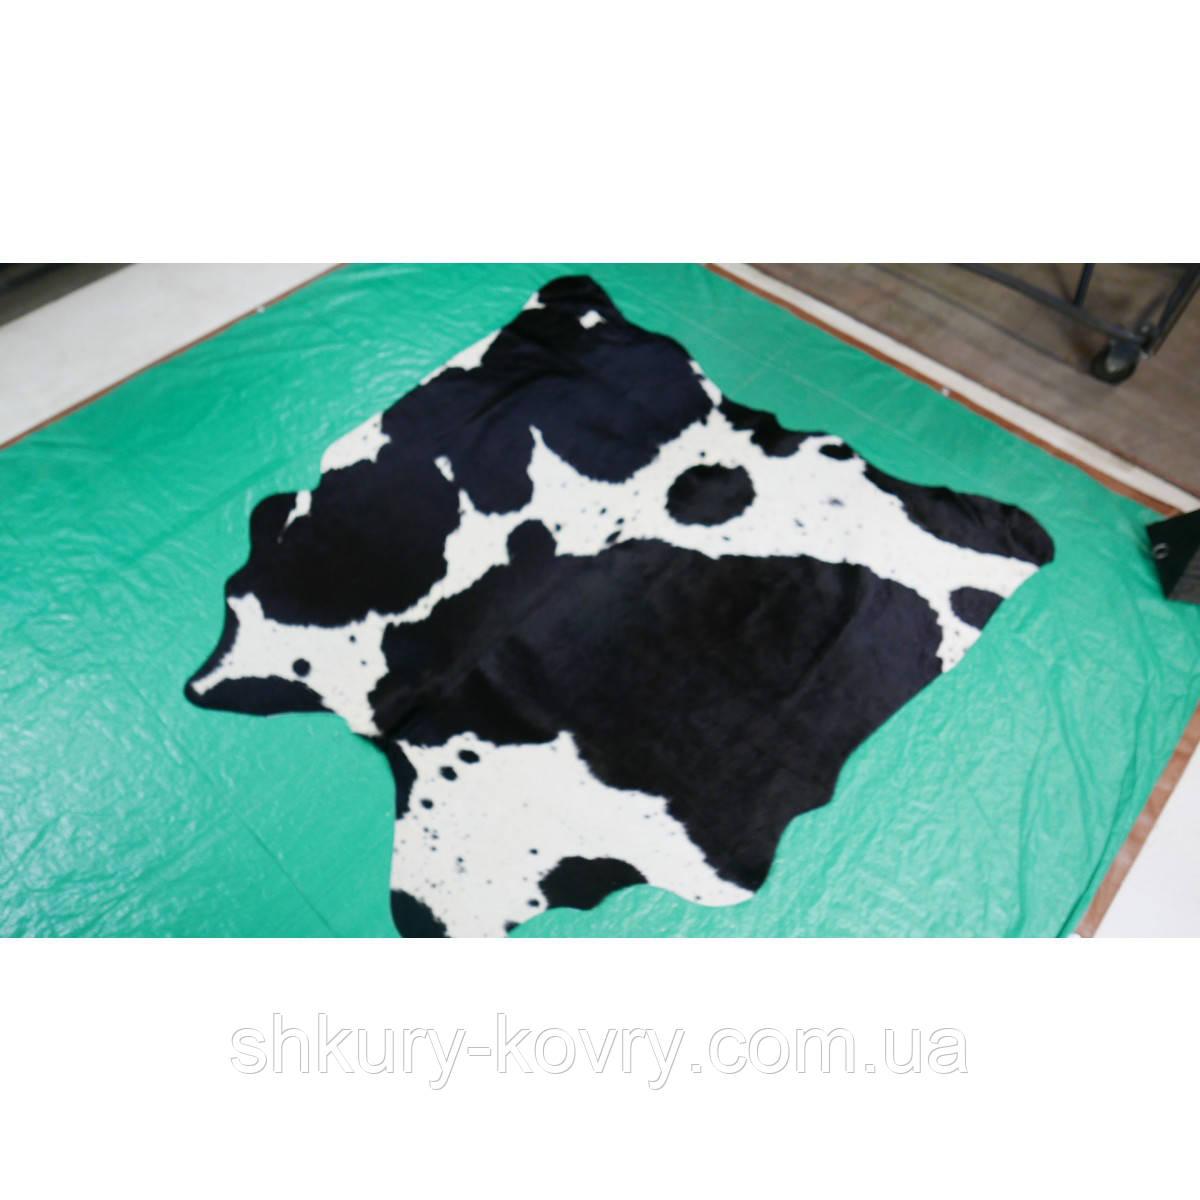 Невелика шкура корови чорно біла